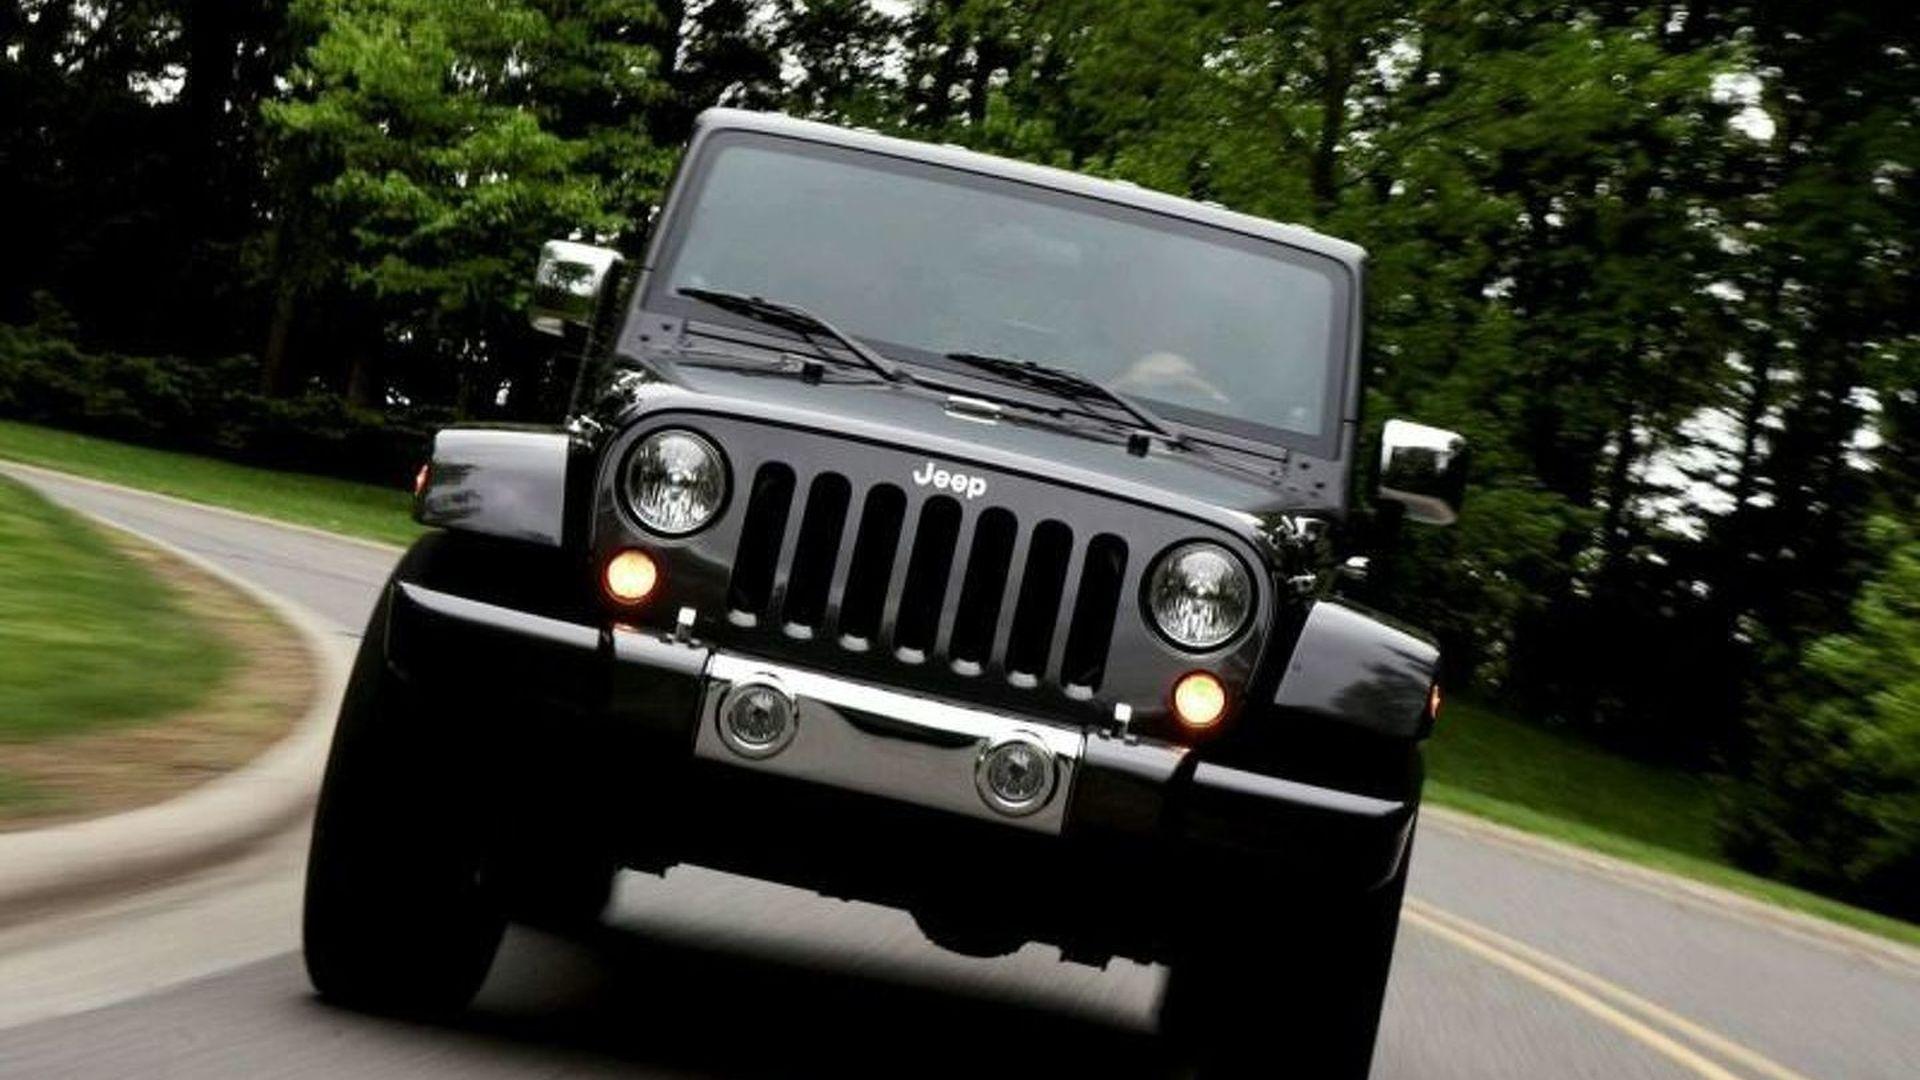 jeep wrangler srt8 under consideration. Black Bedroom Furniture Sets. Home Design Ideas